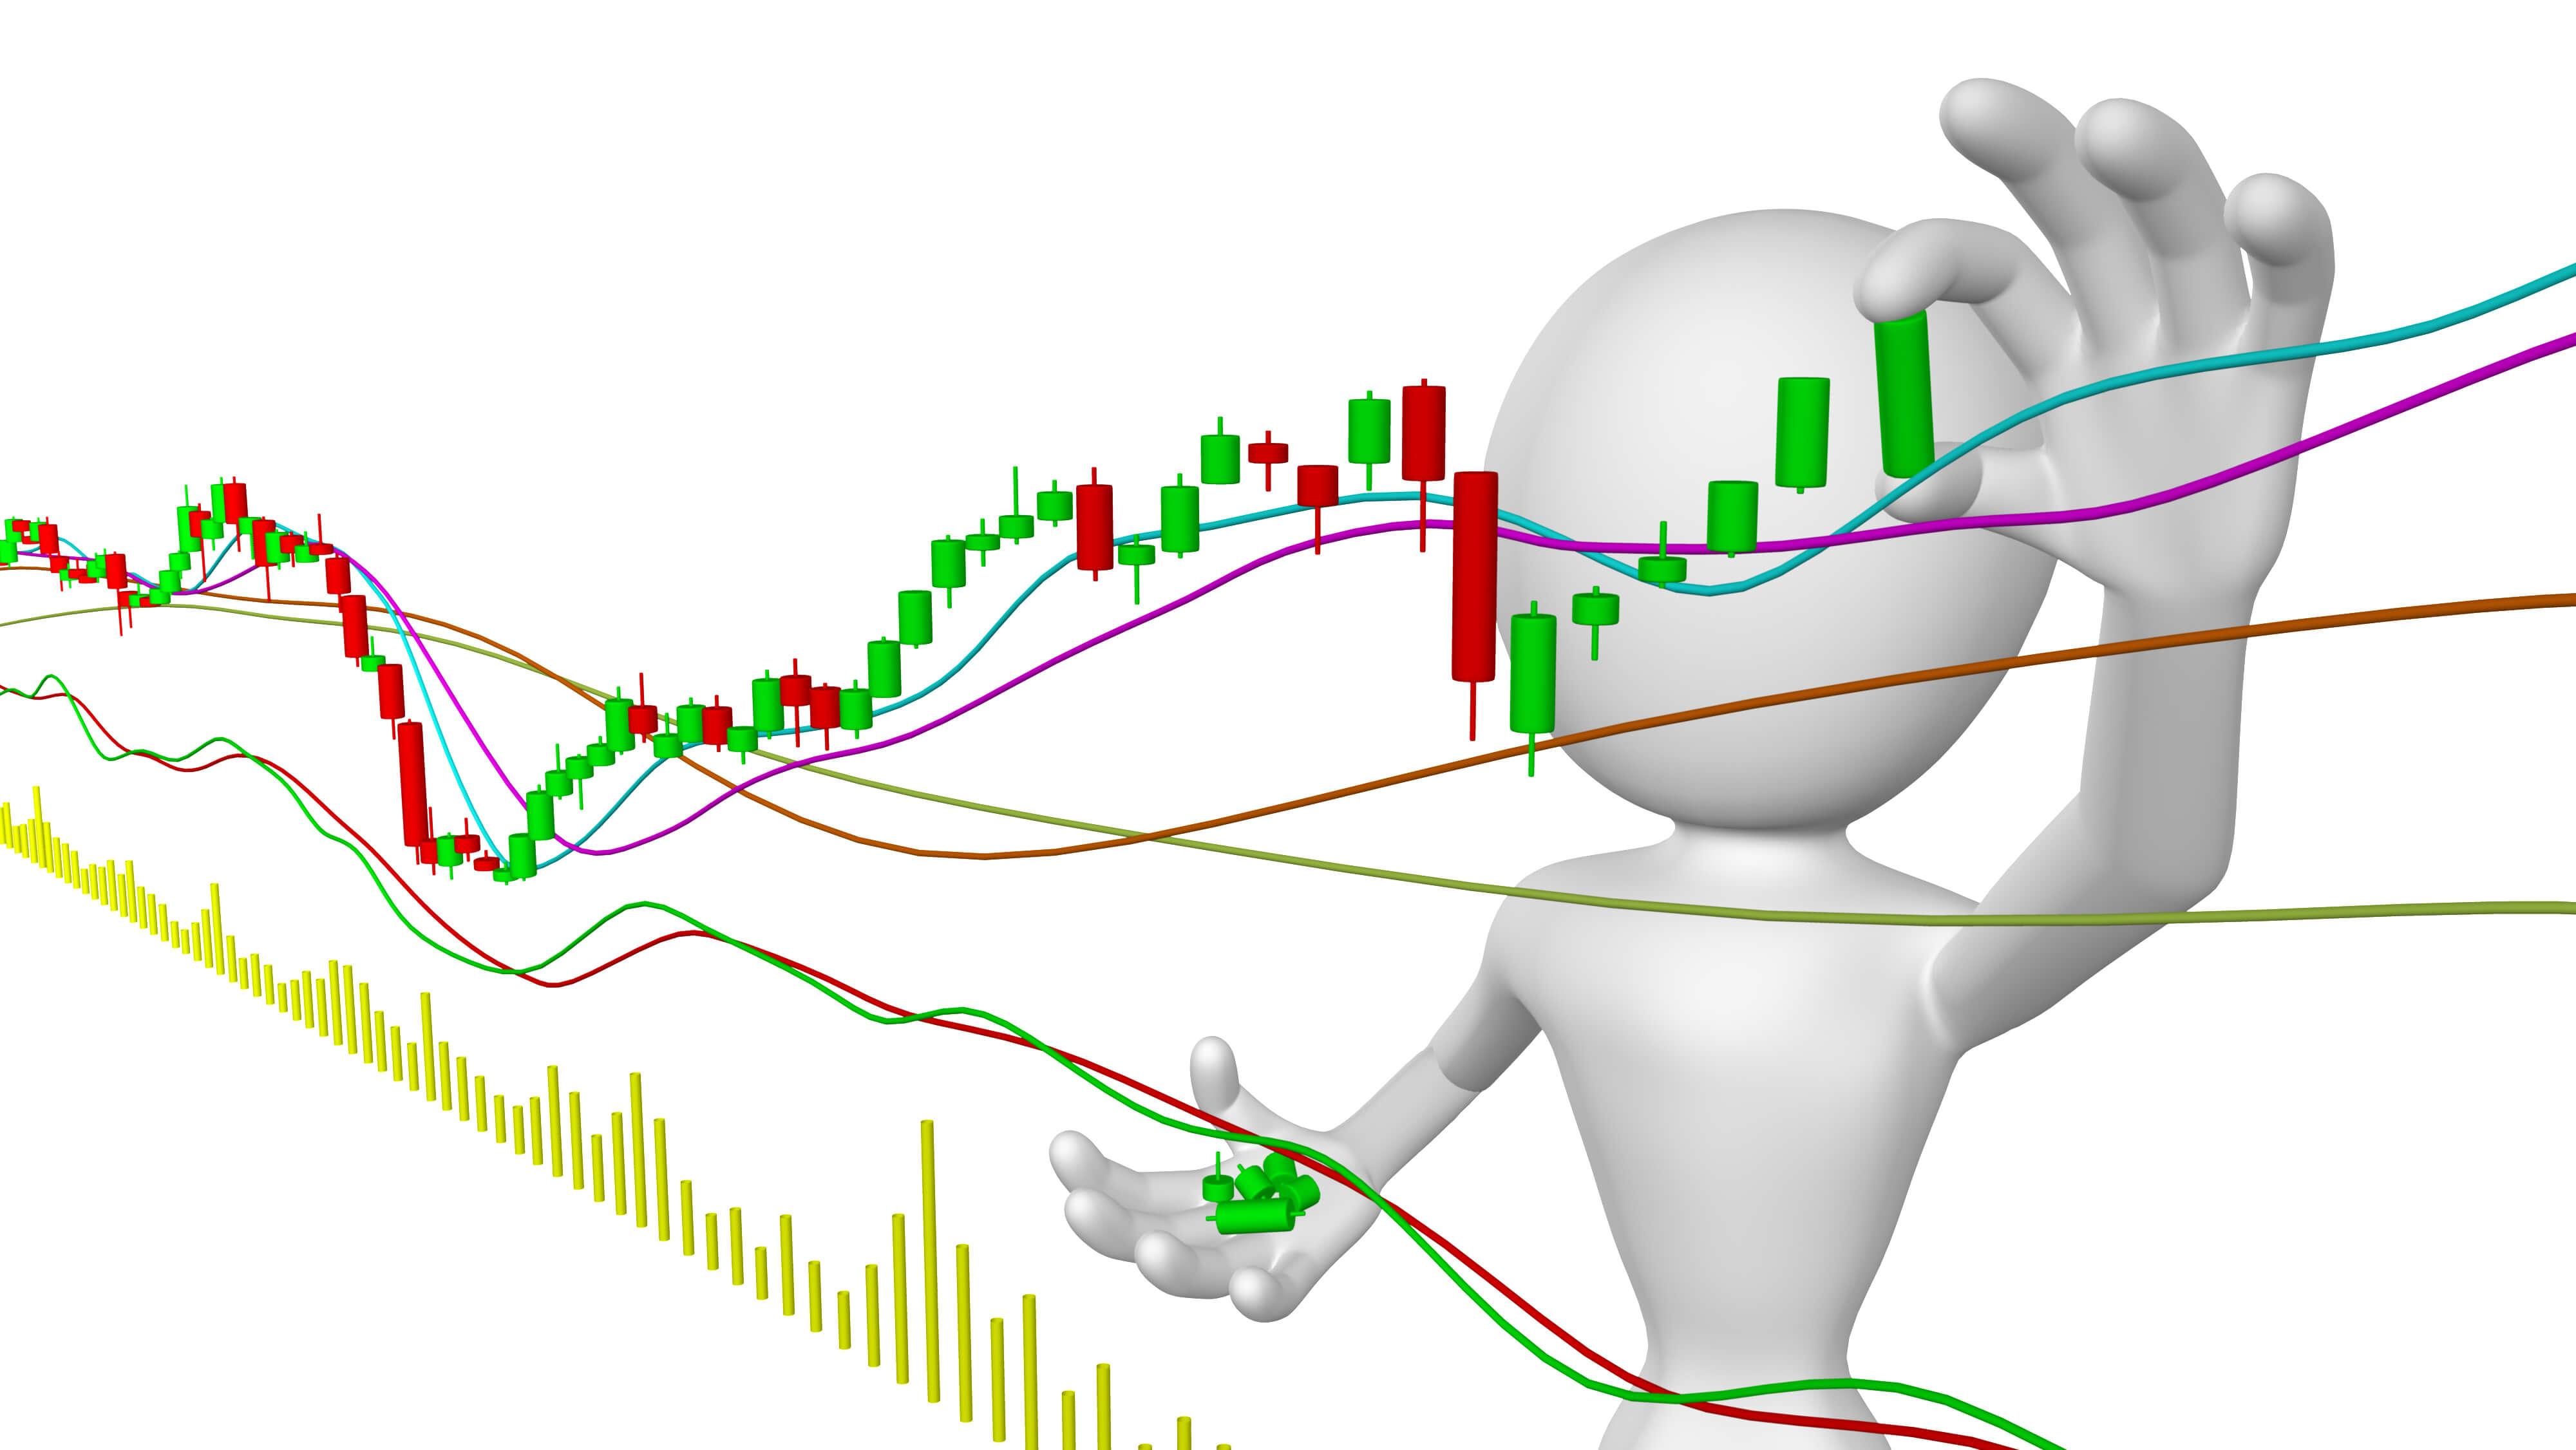 Создаем свою прибыльную торговую стратегию для бинарных опционов, с чего начать и что нужно для это знать?